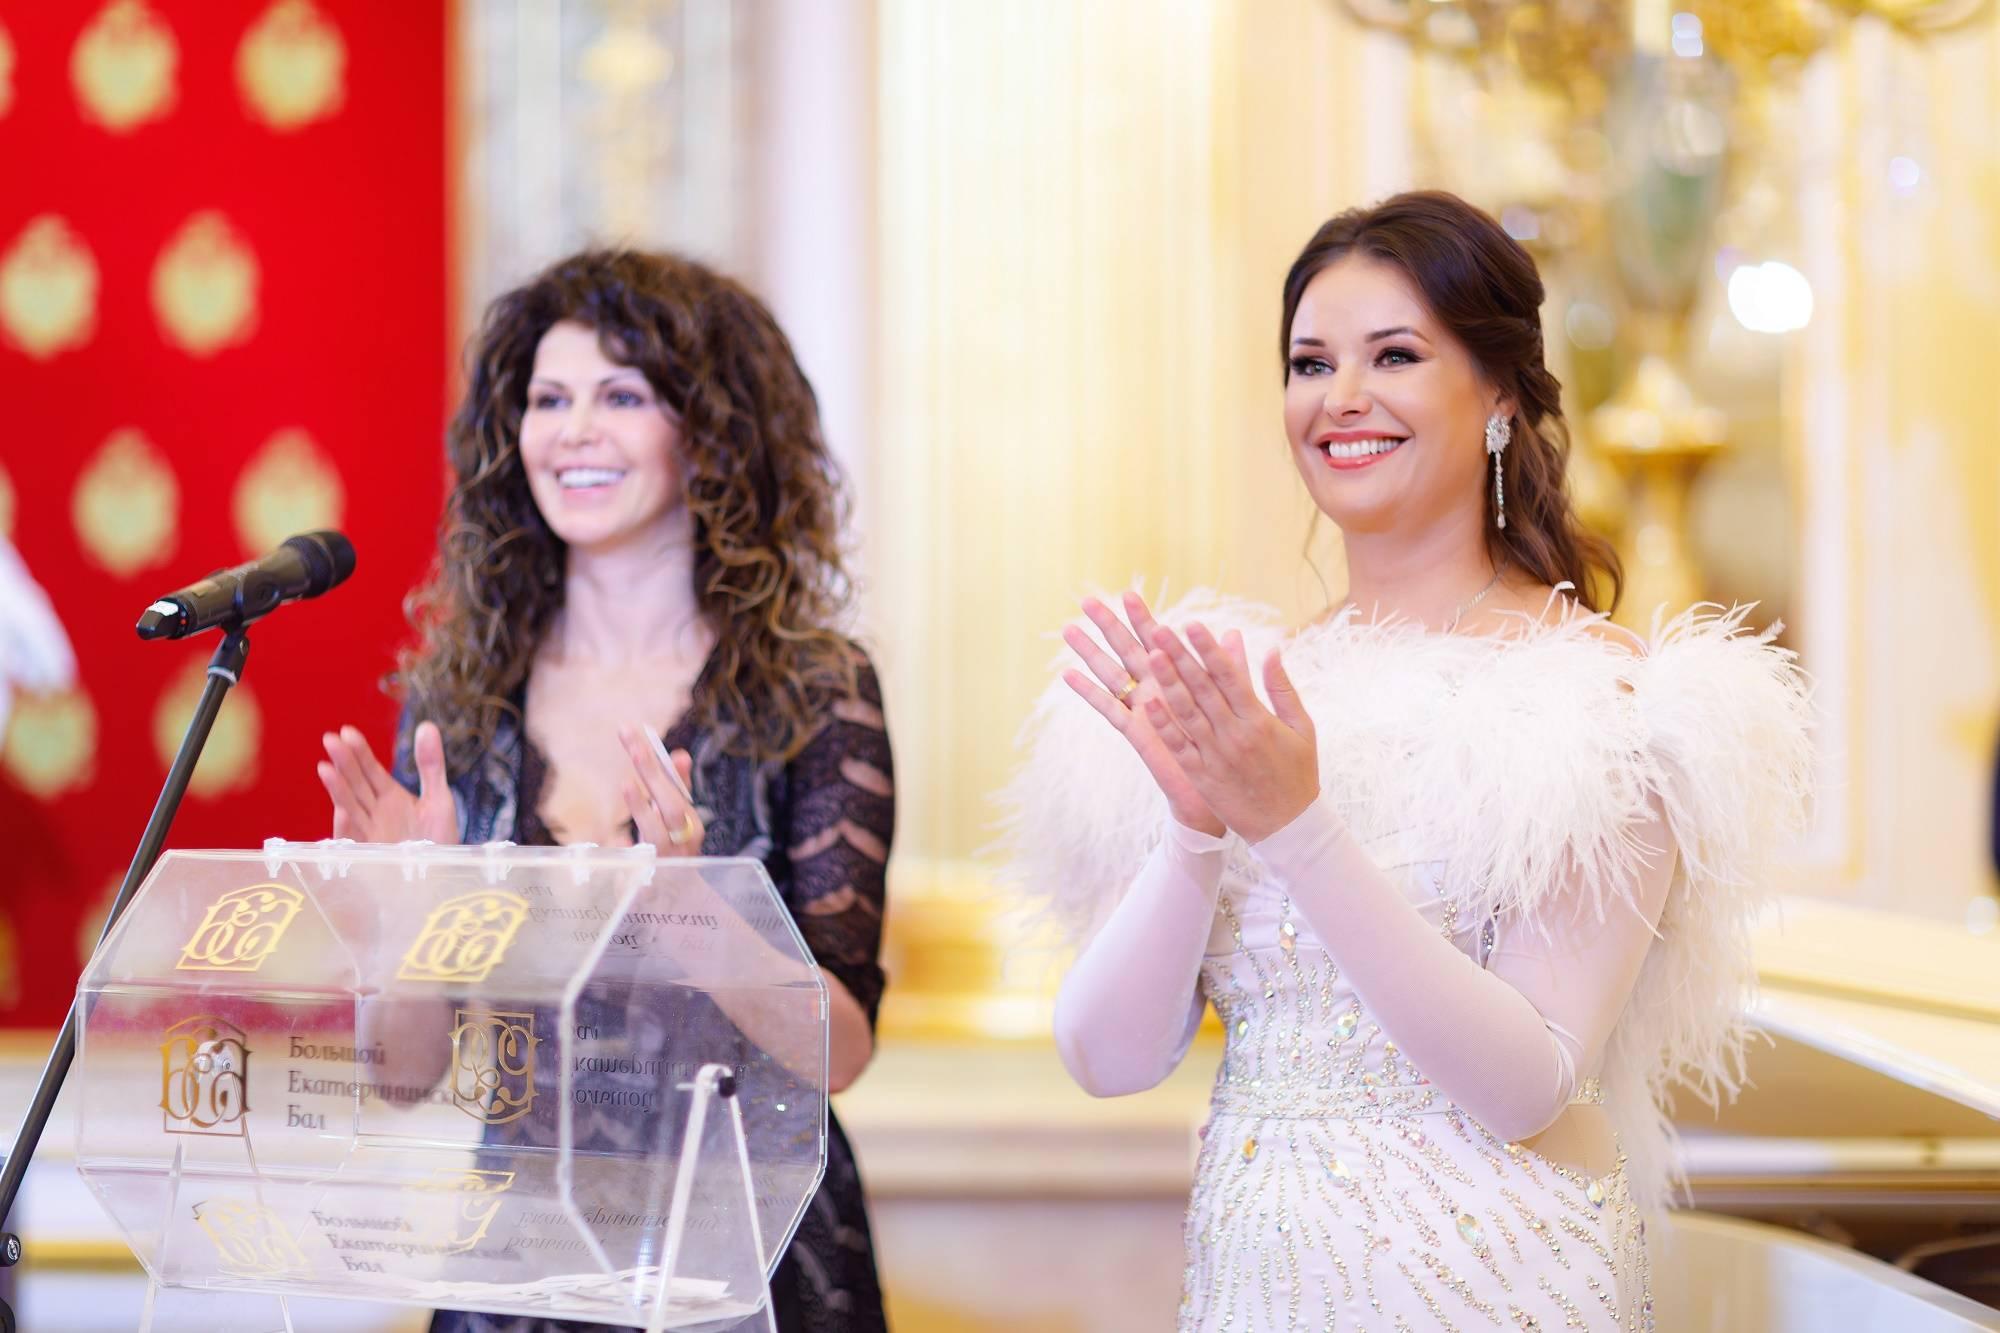 Большой Екатерининский Бал поддержал благотворительный фонд Оксаны Федоровой!